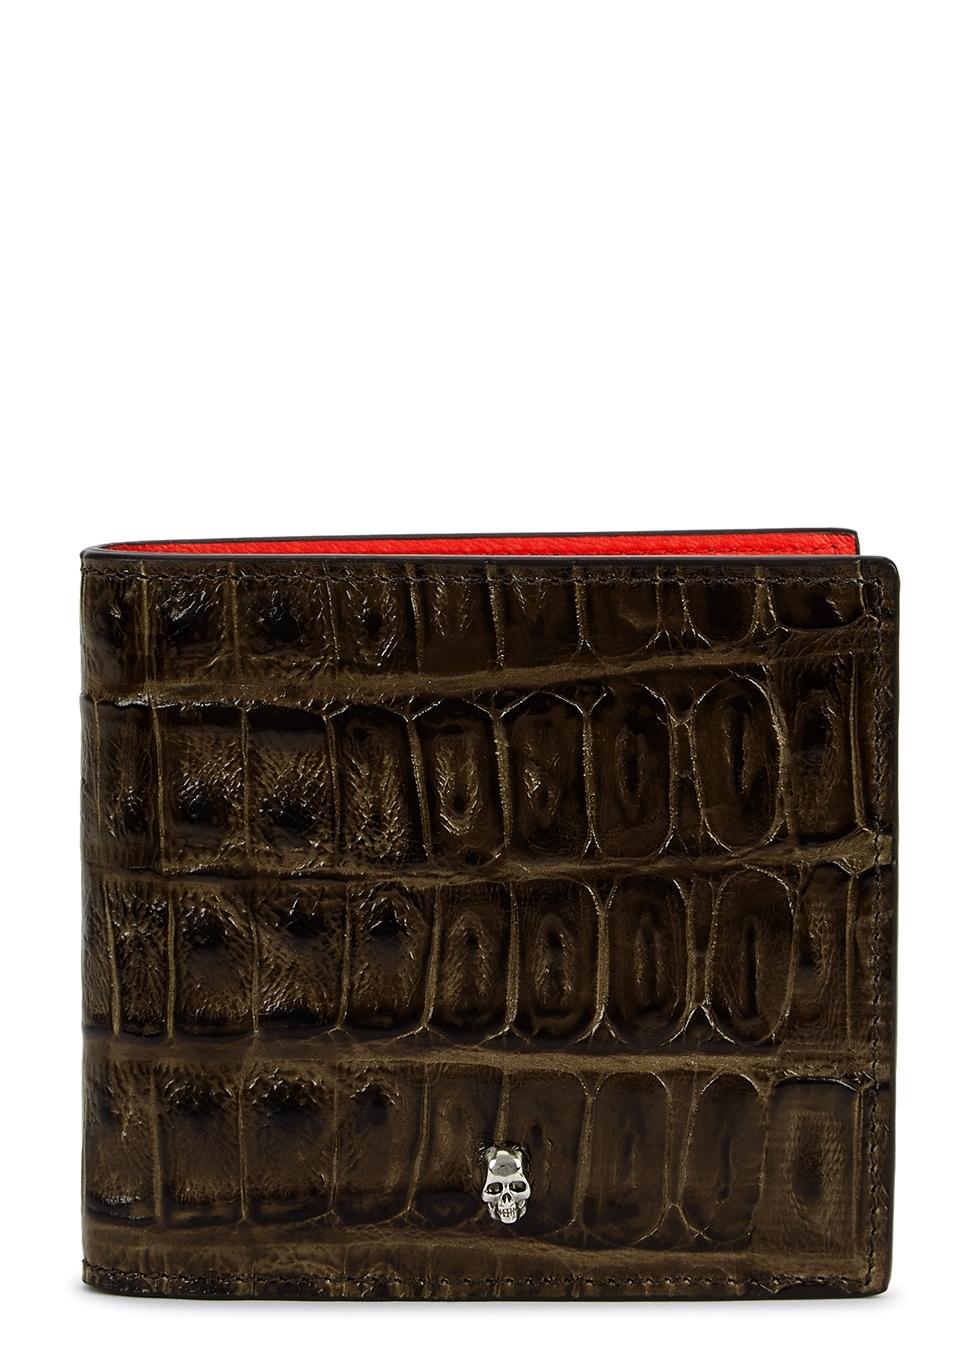 4efe5a95f0e7 Men's Designer Small Leather Accessories - Harvey Nichols